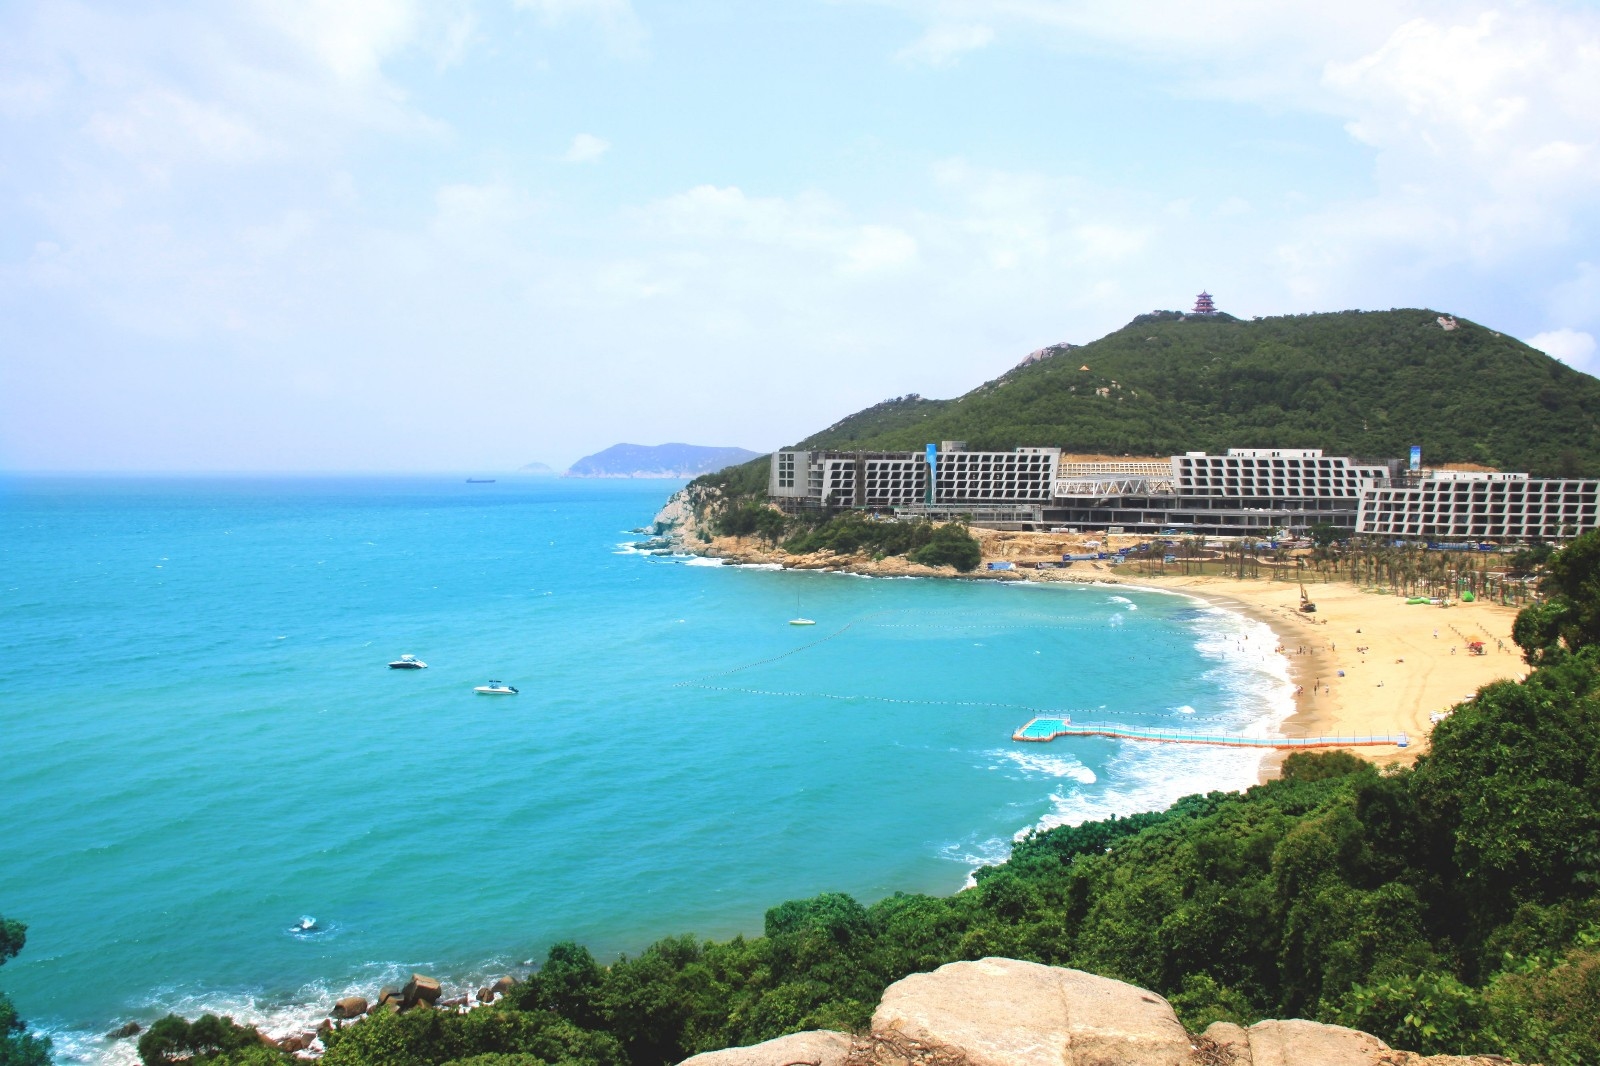 海岛_广东省内旅游景点有哪些?_百度知道